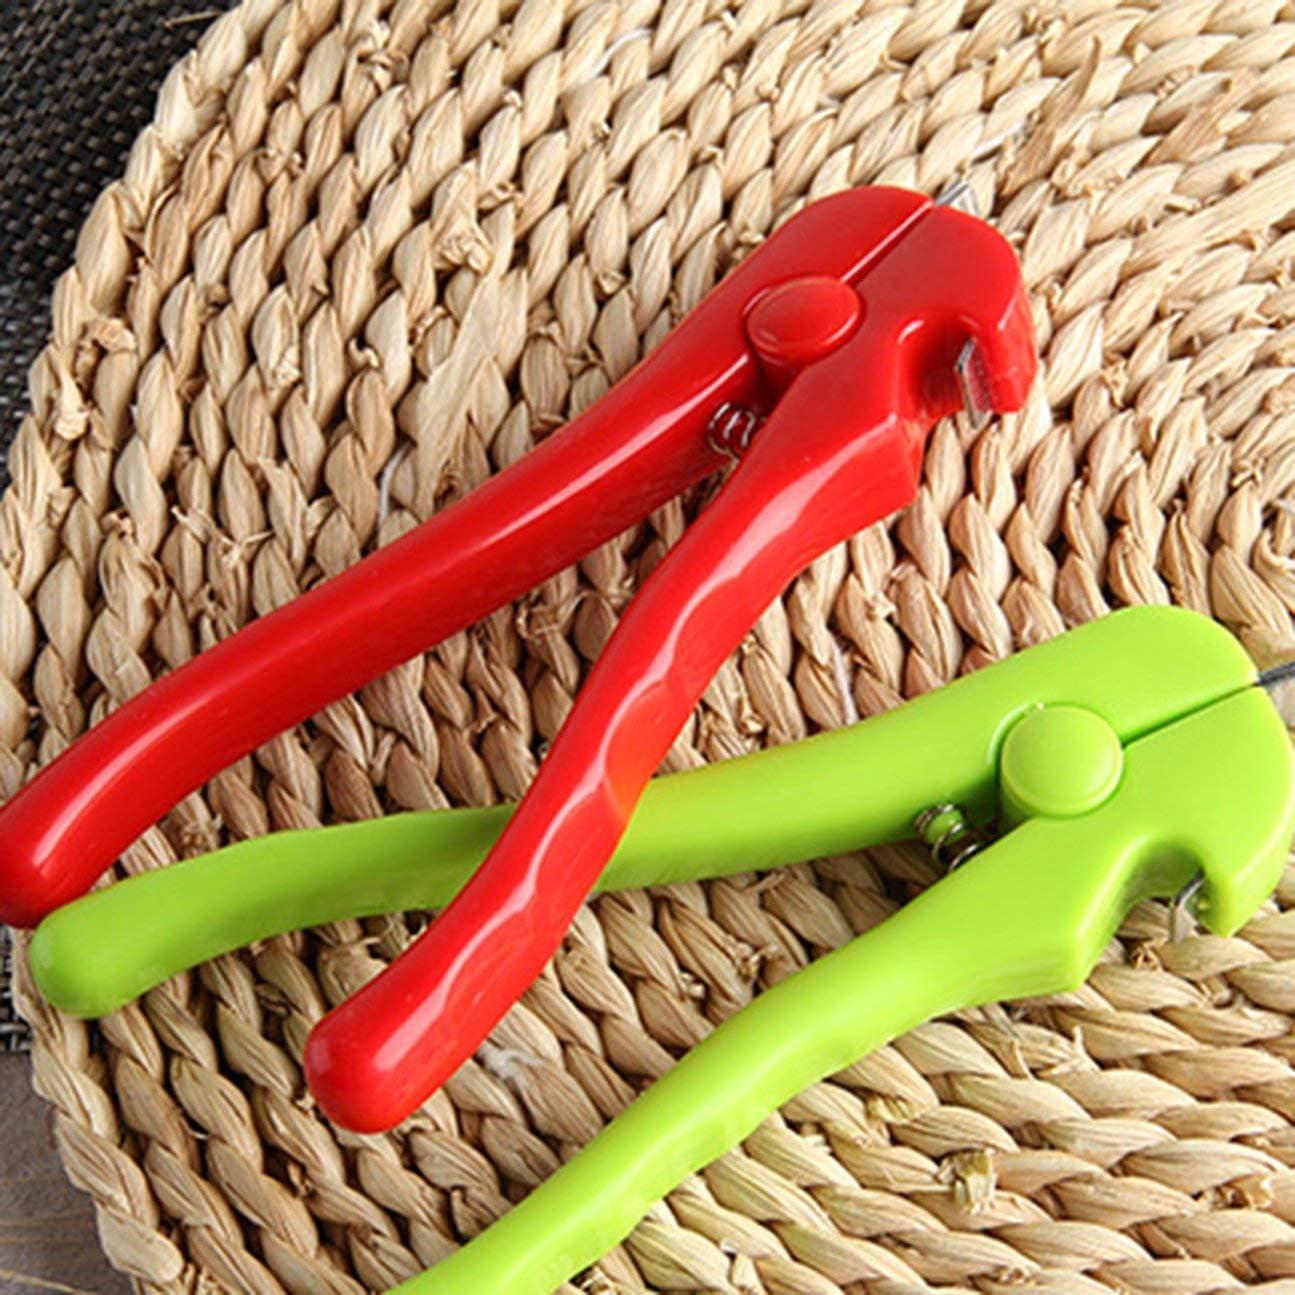 Pince /à fruits de mer ouvrante multifonctionnelle Pince /à palourdes Dispositif douverture Pince /à nourriture Pratique Cuisine Outils de cuisson COULEUR: Rouge